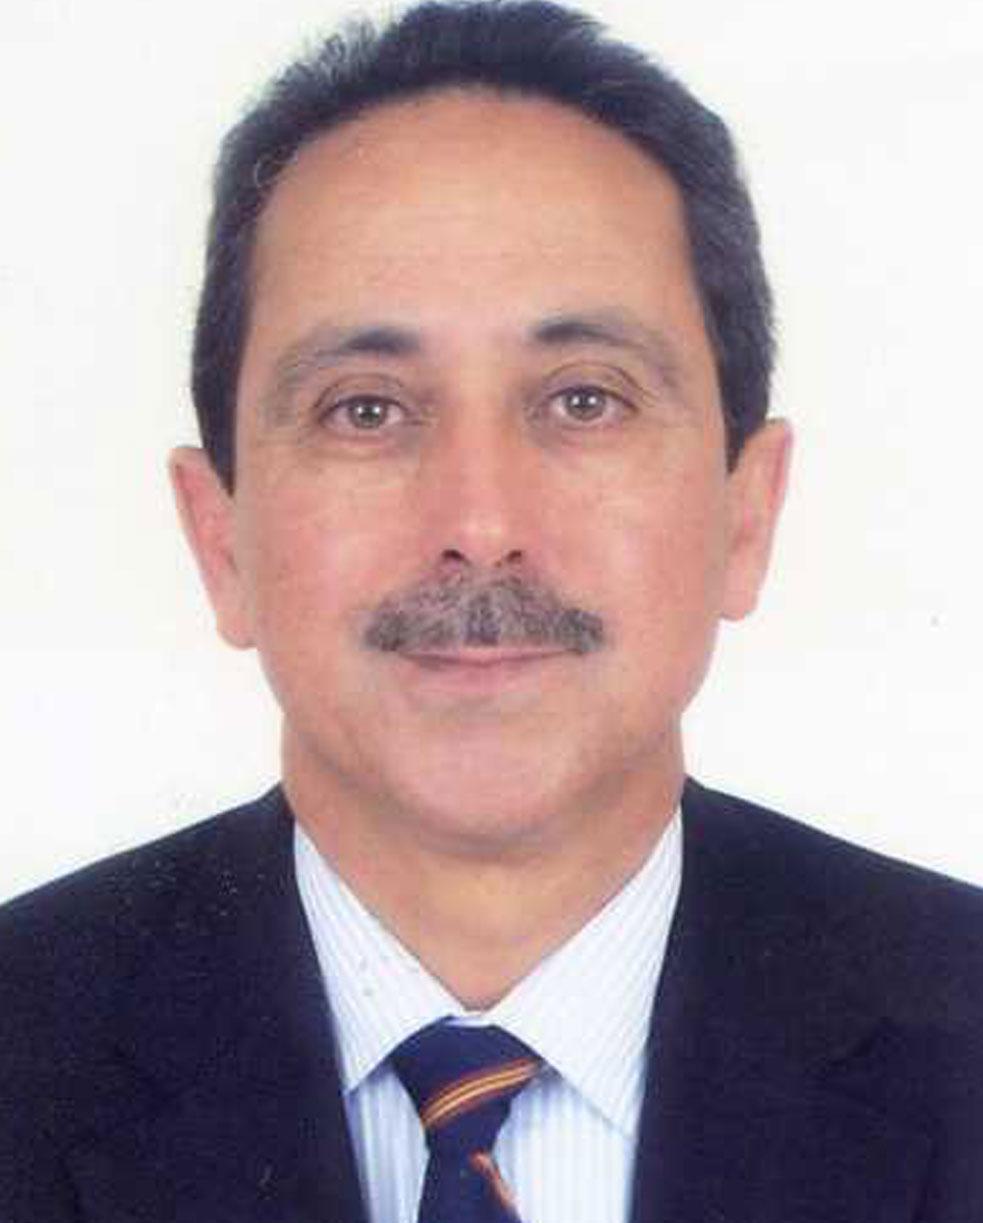 Mohamed KHACHANI